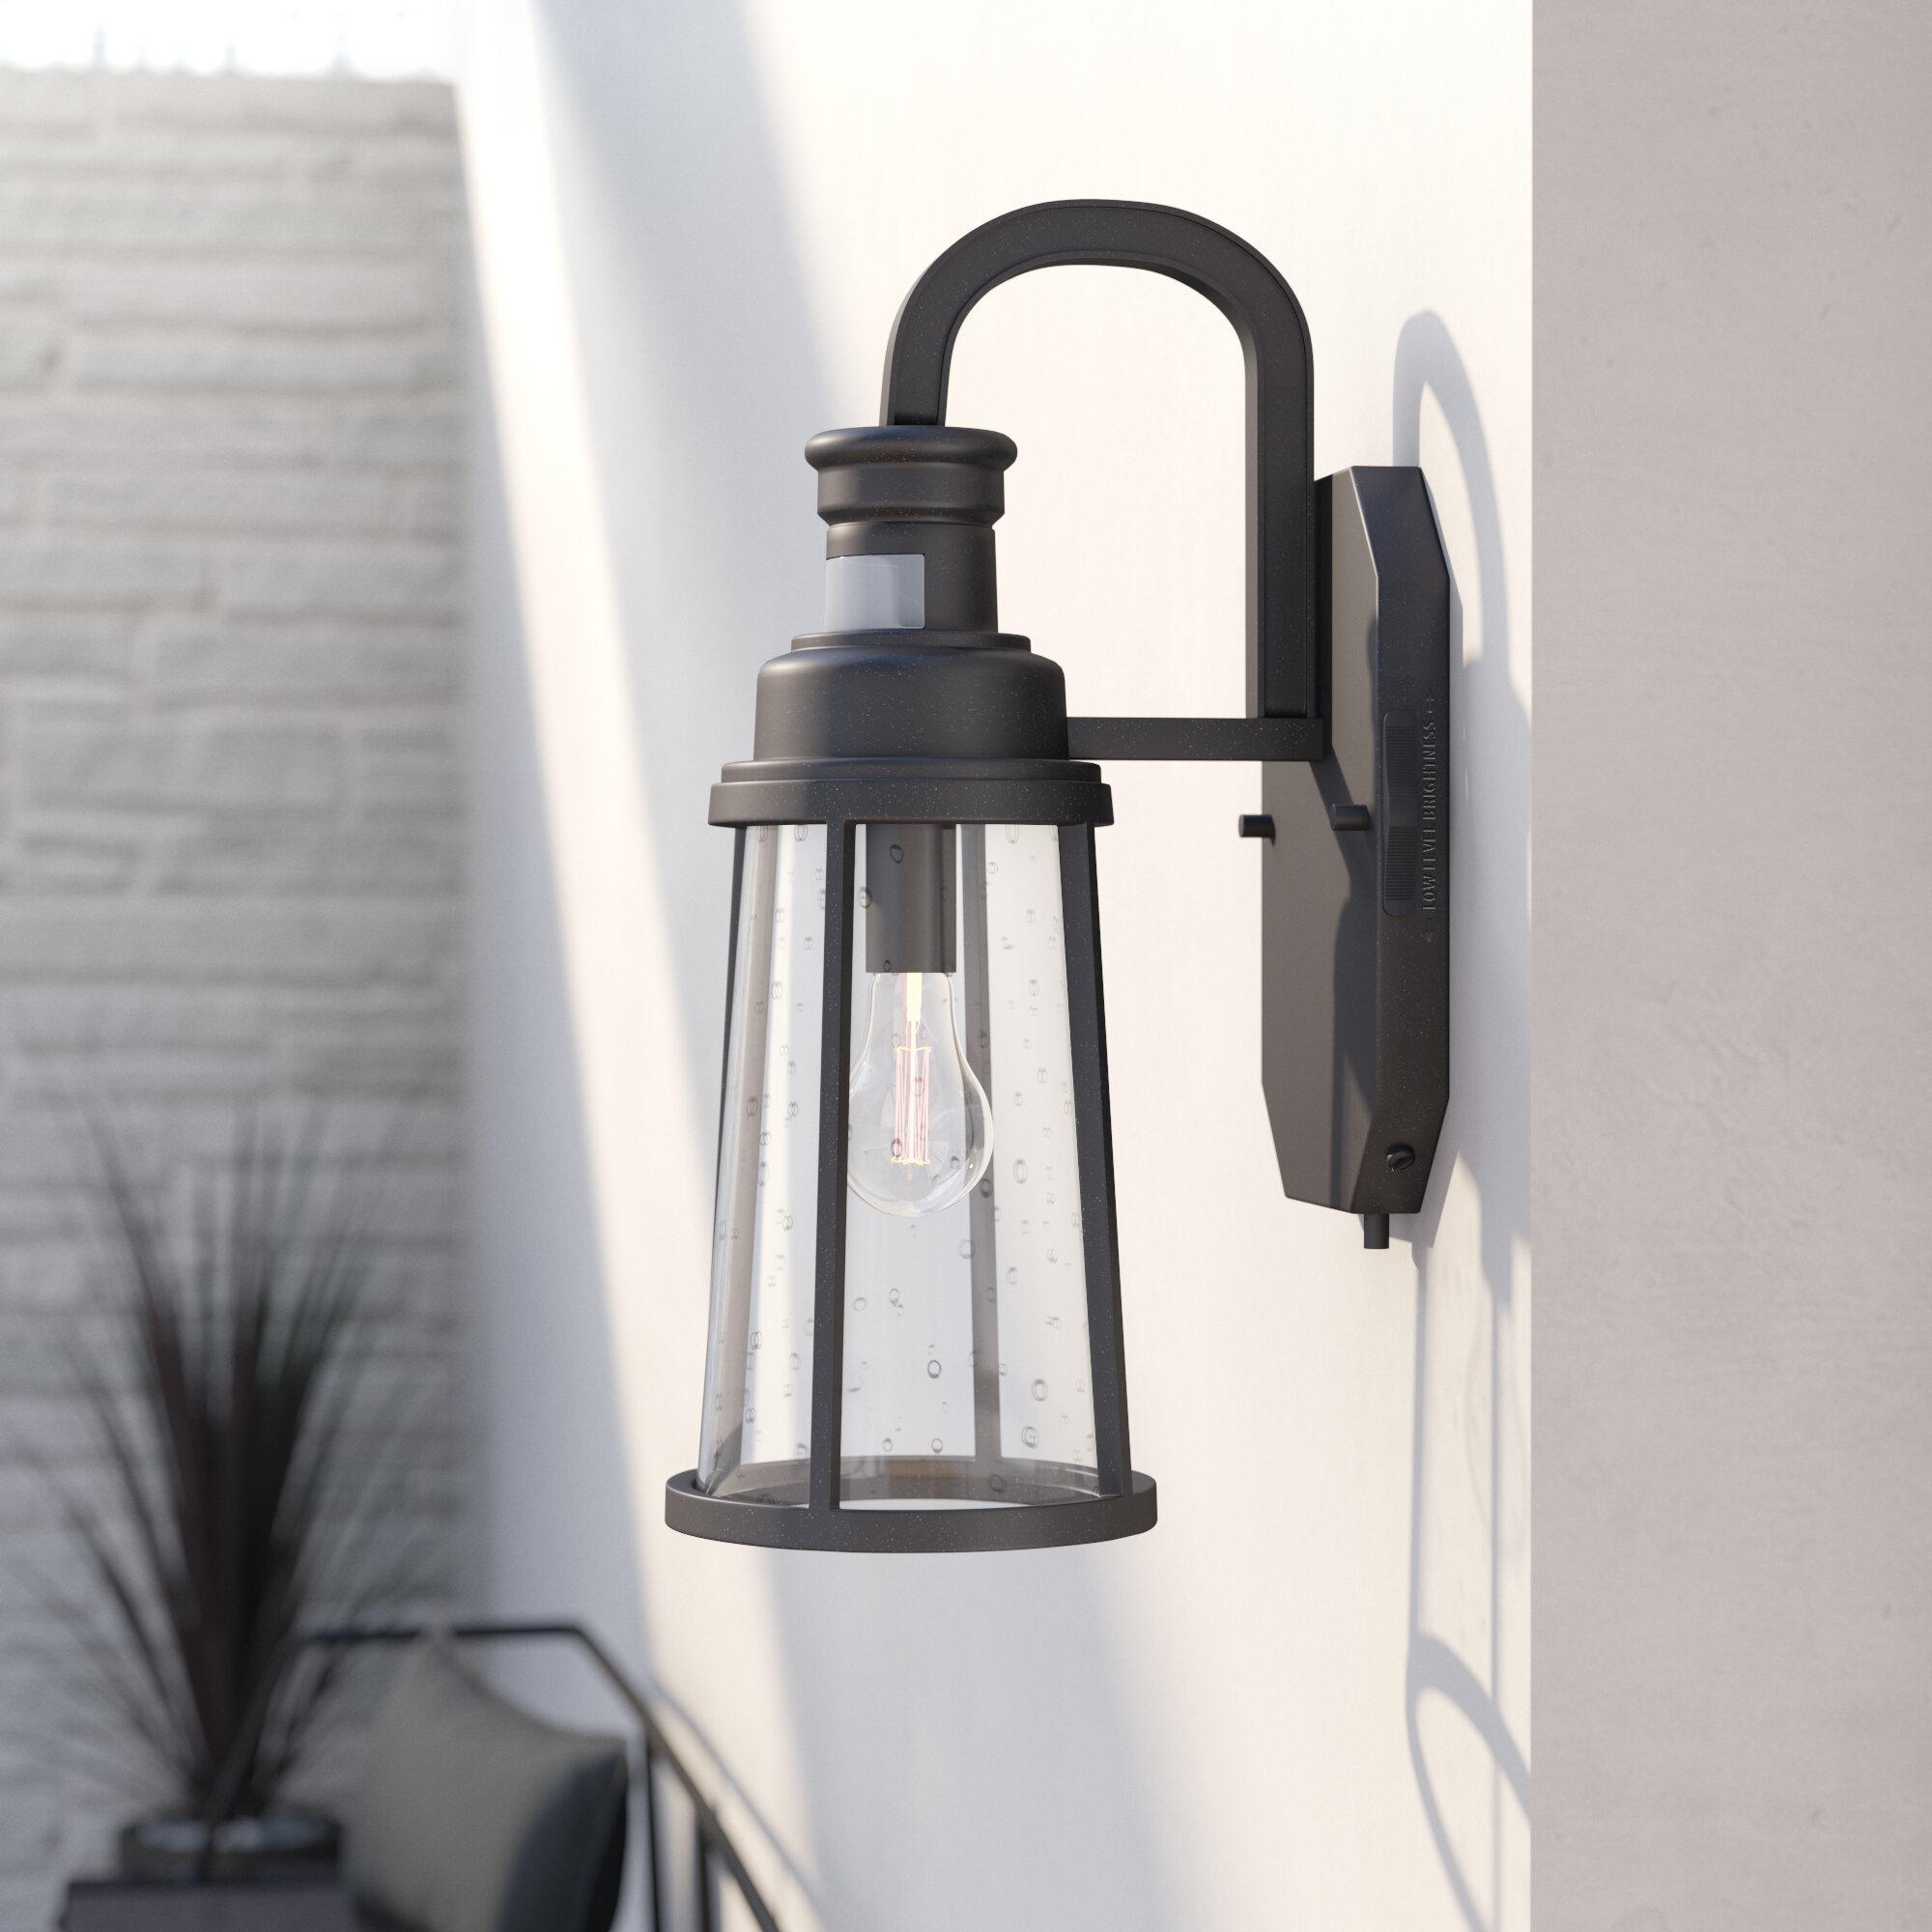 Trent austin design cascades 1 light metal outdoor wall lantern reviews wayfair